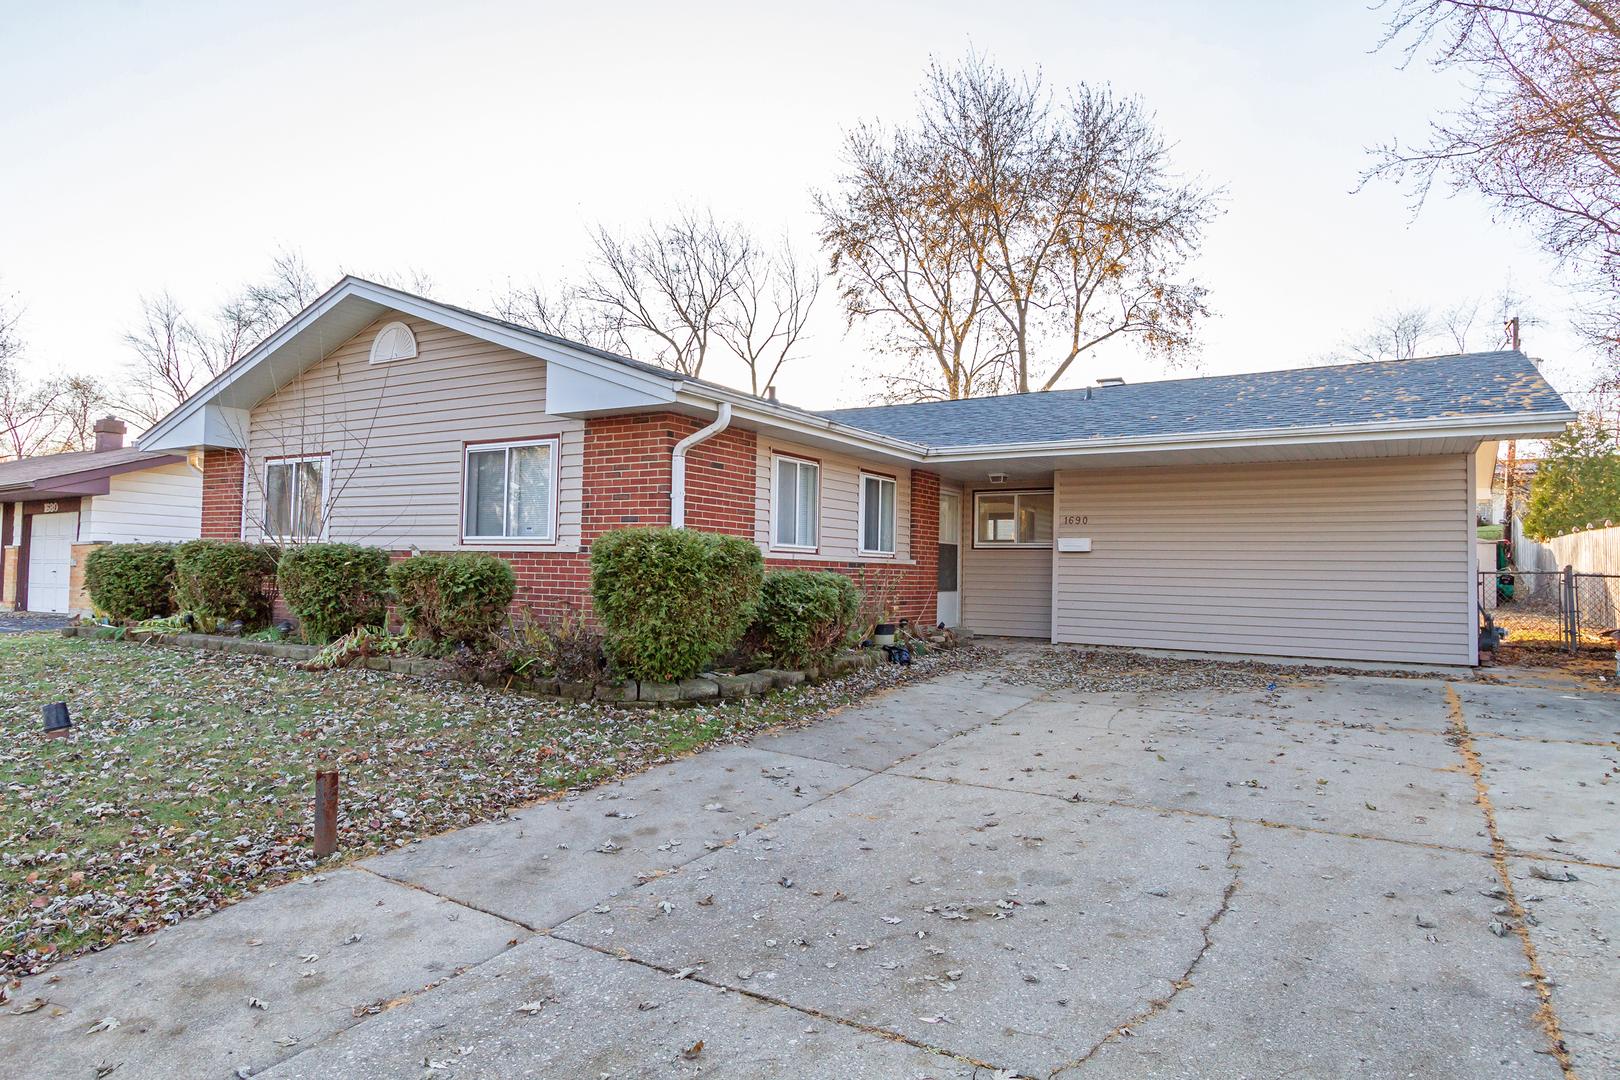 1690 Pierce ,Hoffman Estates, Illinois 60169